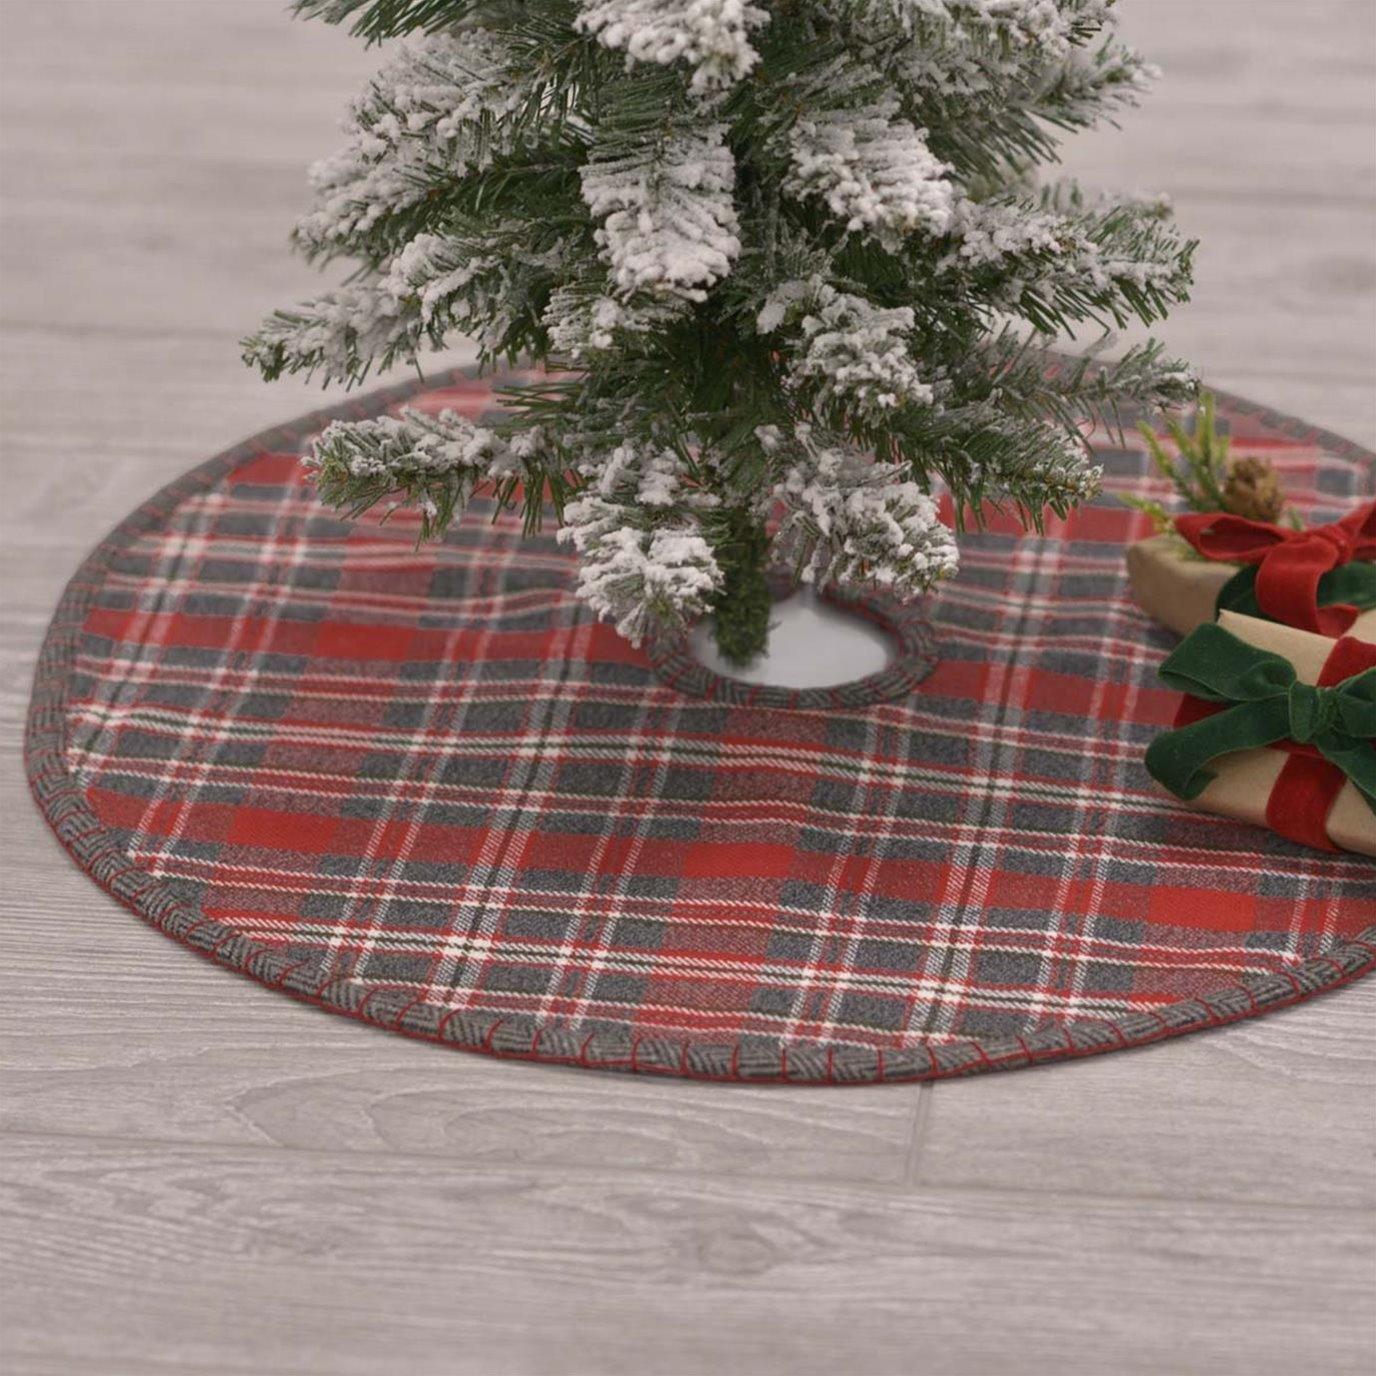 Anderson Plaid Mini Tree Skirt 21